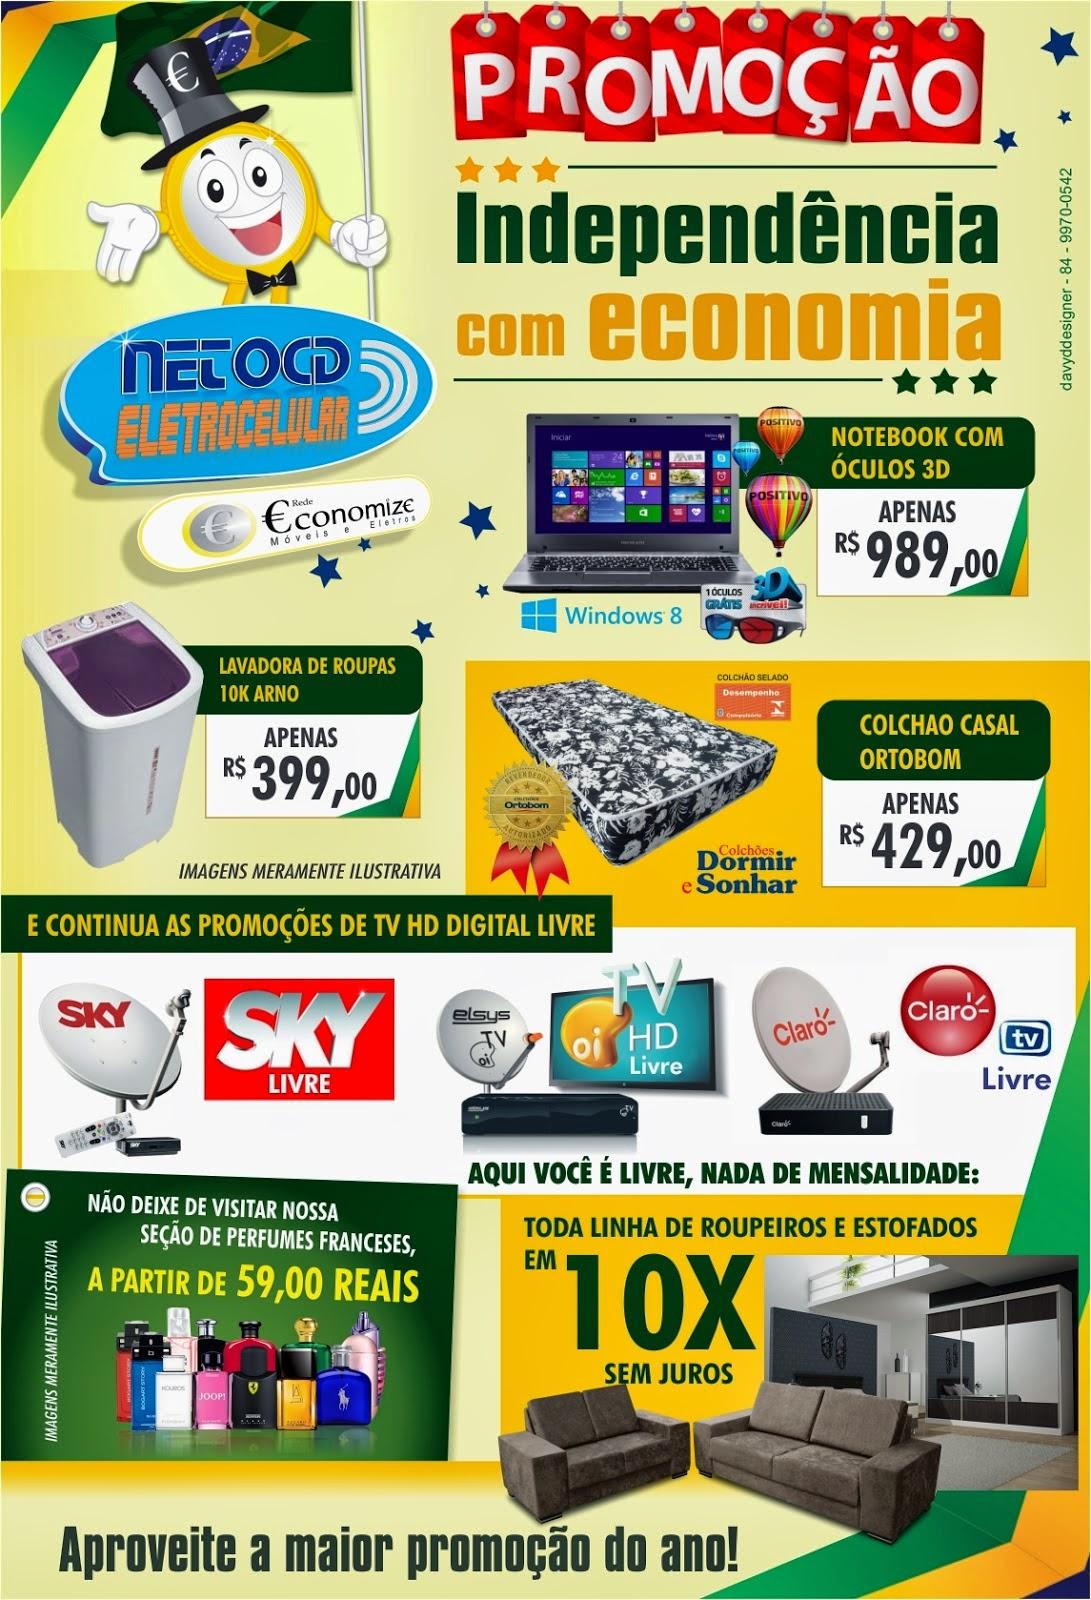 Promoção de Independência nas Lojas Neto CD Eletro celular